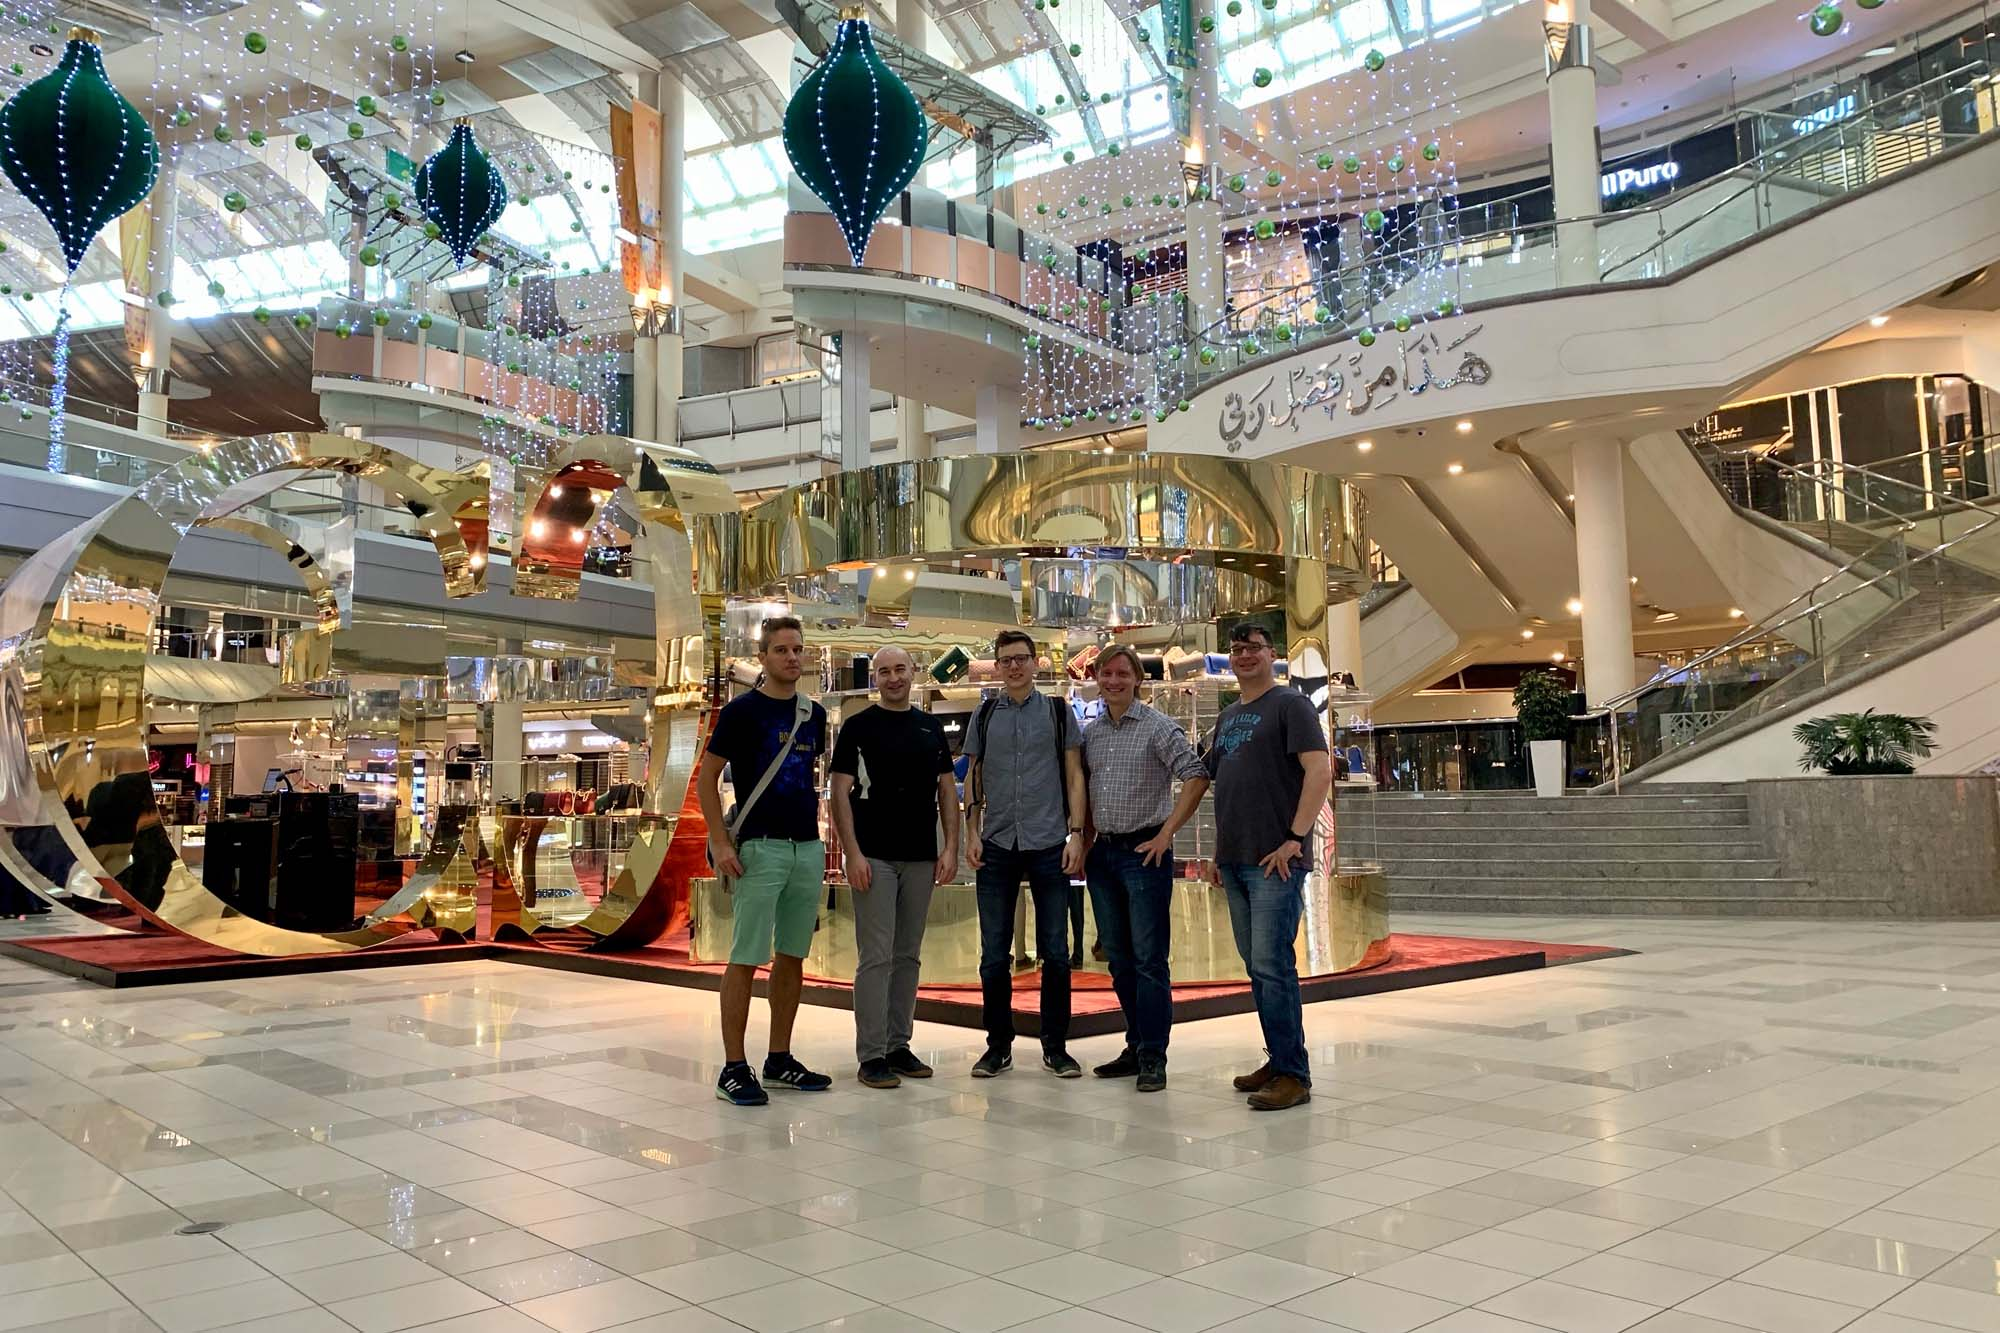 Einkaufsbummel in einer Mall